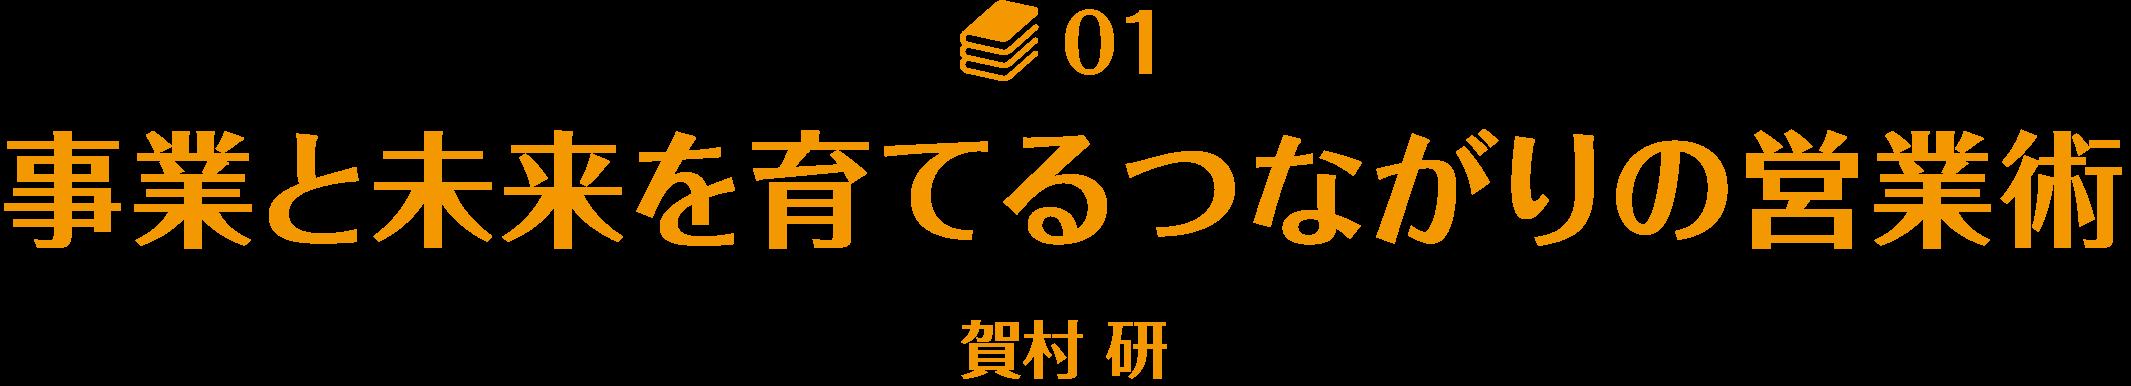 事業と未来を育てるつながりの営業術賀村研